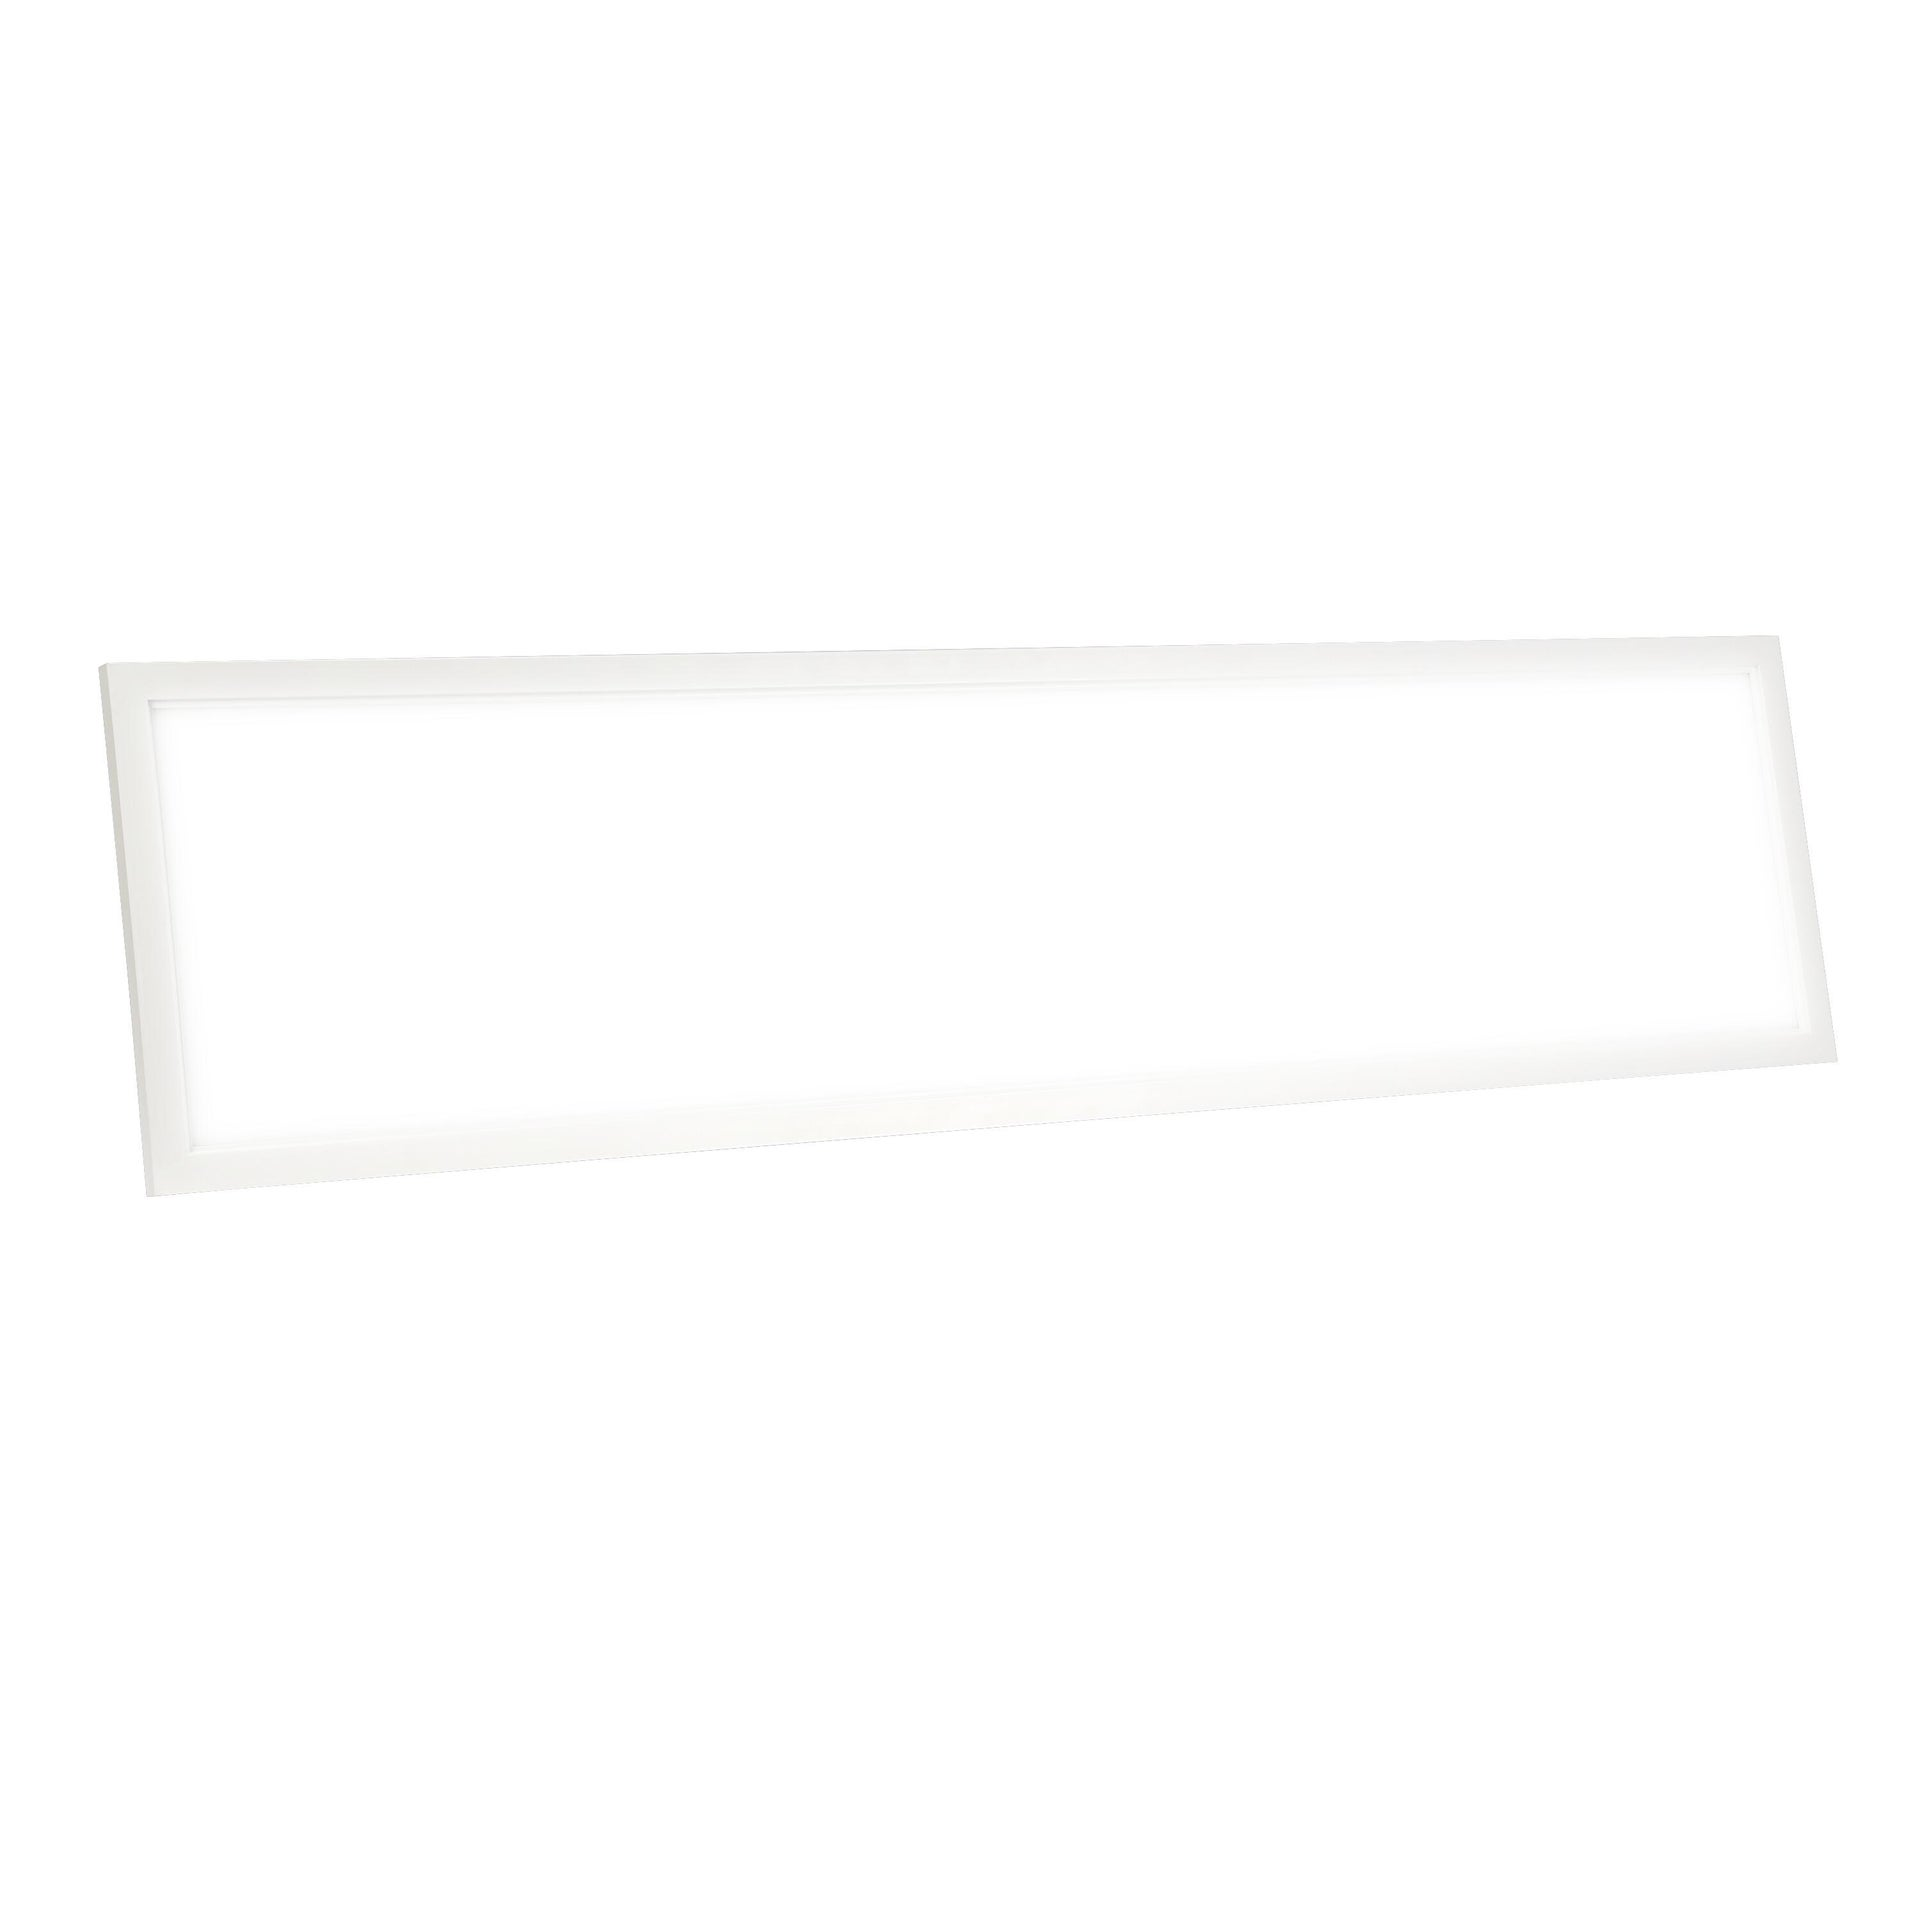 Pannello led Anvik 30x120 cm bianco naturale, 4000LM INSPIRE - 1